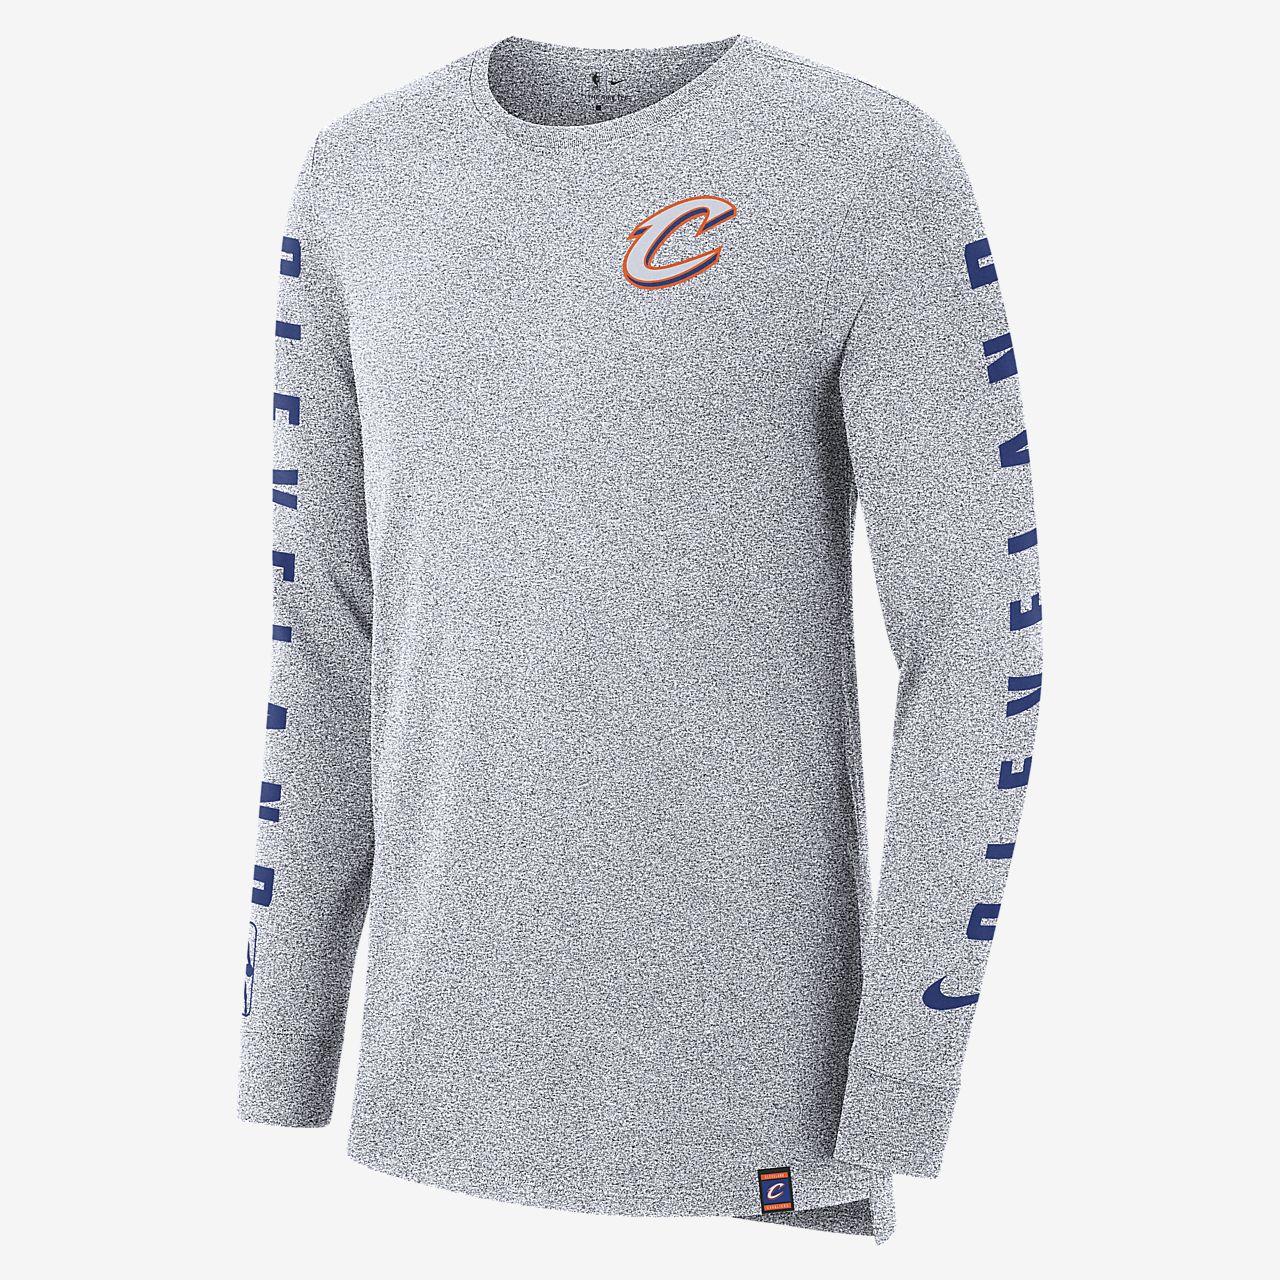 クリーブランド キャバリアーズ シティ エディション ナイキ メンズ ロングスリーブ NBA Tシャツ